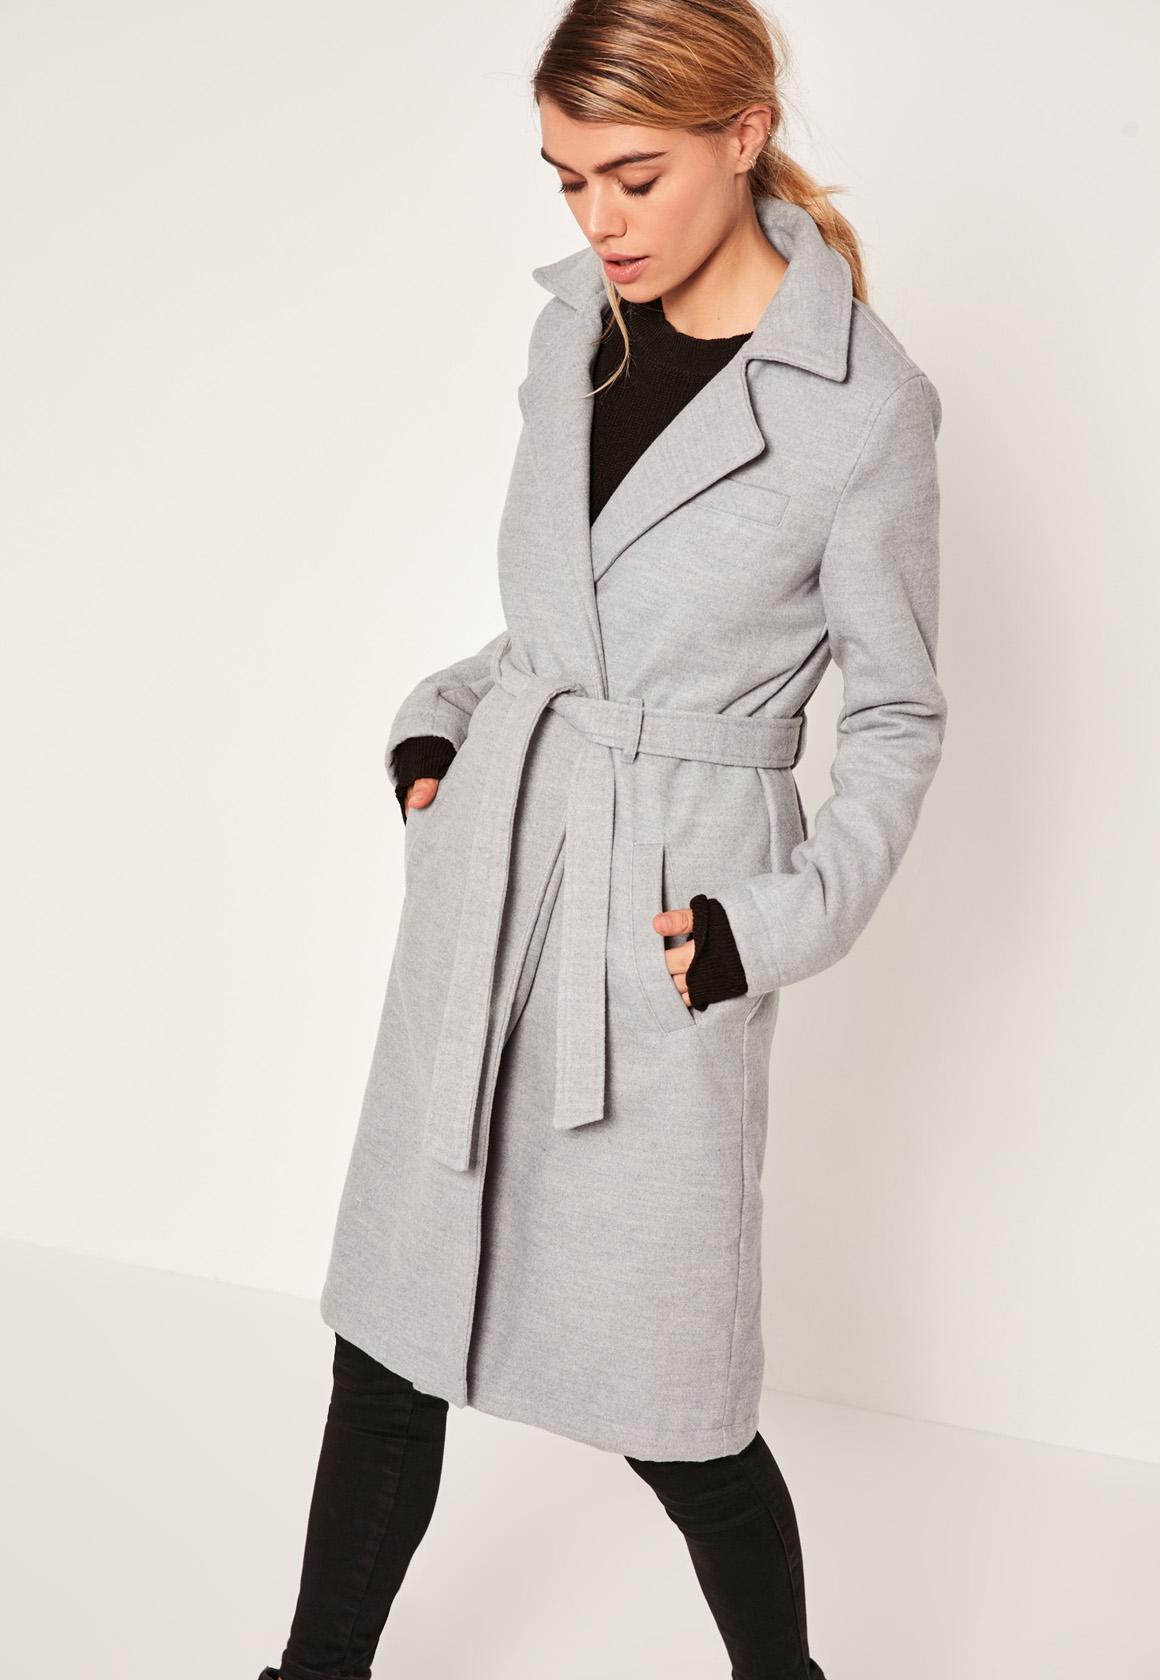 Grey trench coat women